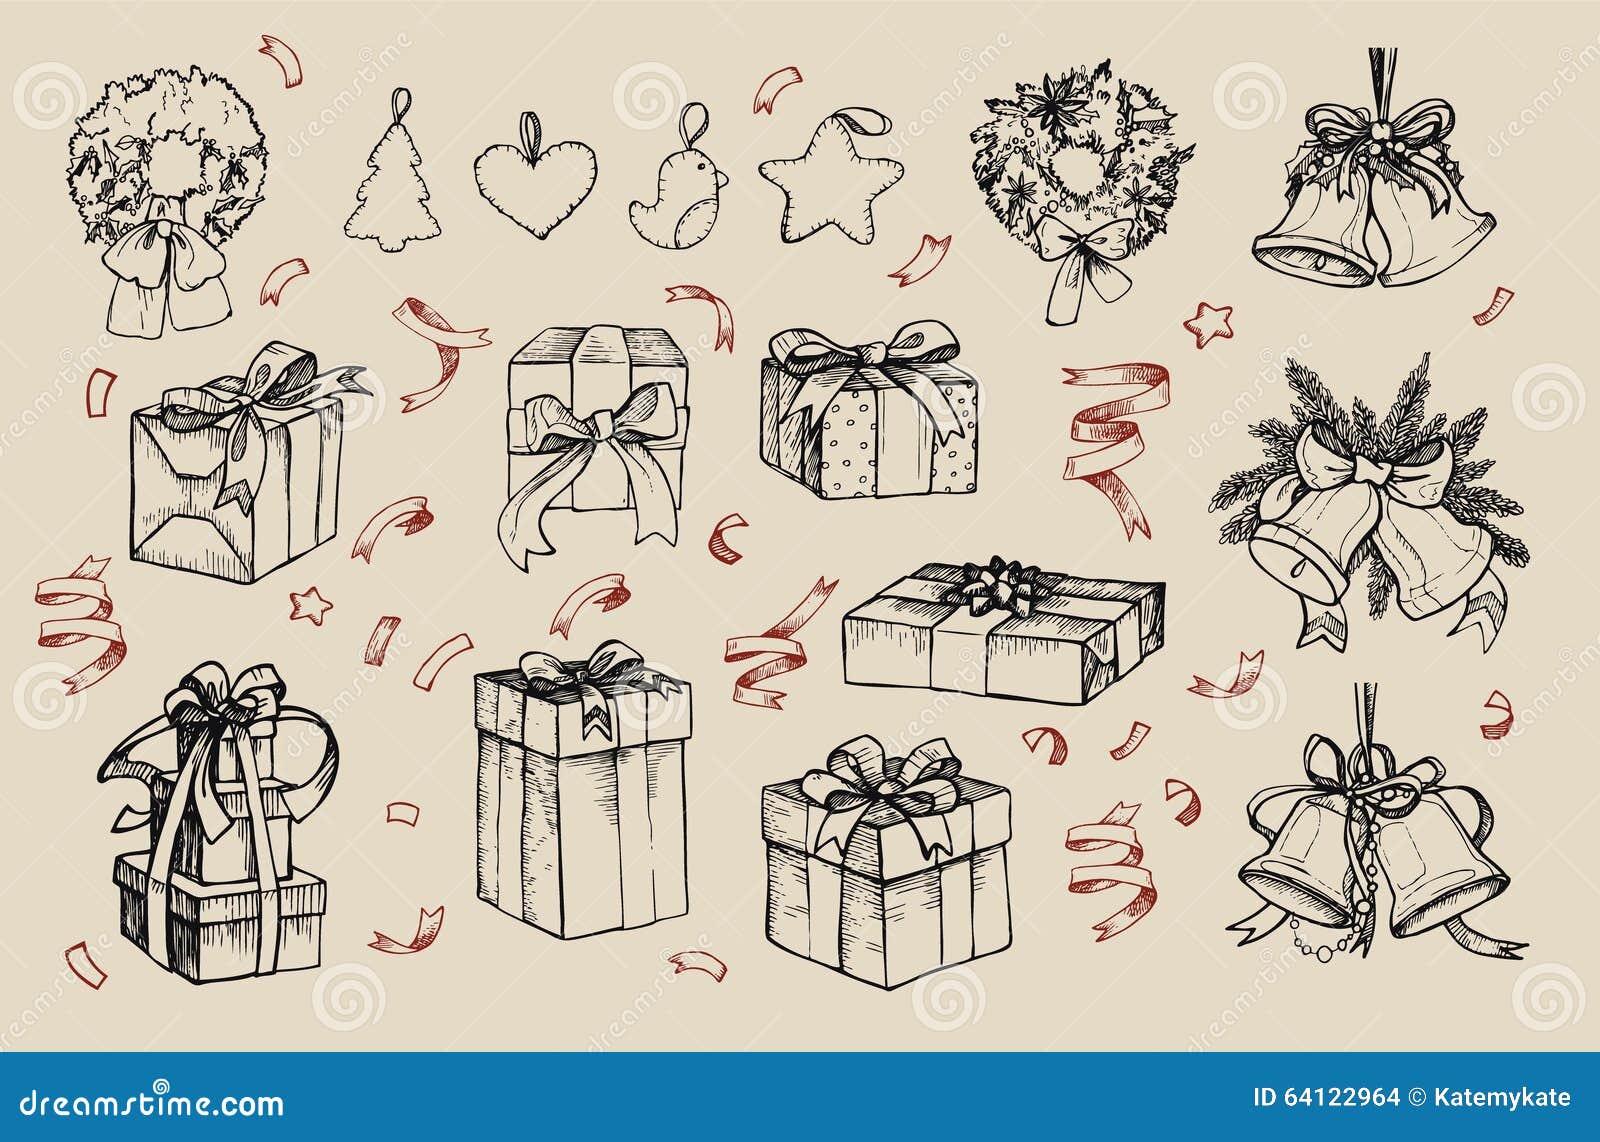 Μέγα εκλεκτής ποιότητας σύνολο Συρμένες χέρι διανυσματικές απεικονίσεις - Χαρούμενα Χριστούγεννα